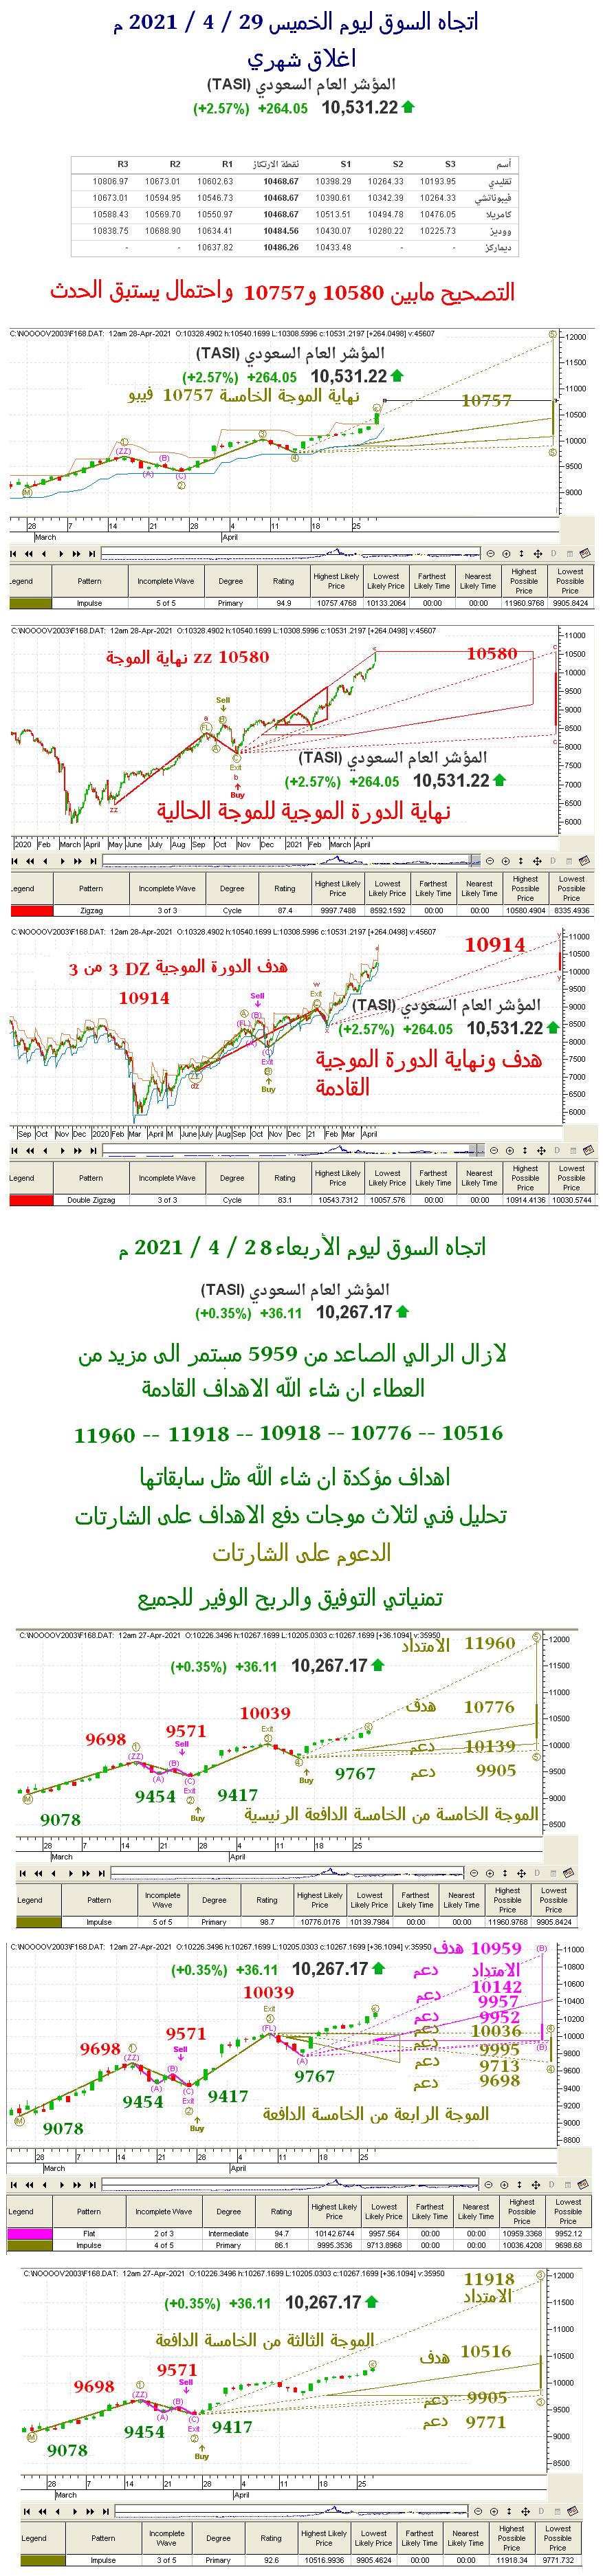 اتجاه السوق ليوم الخميس 29 / 4  / 2021 م